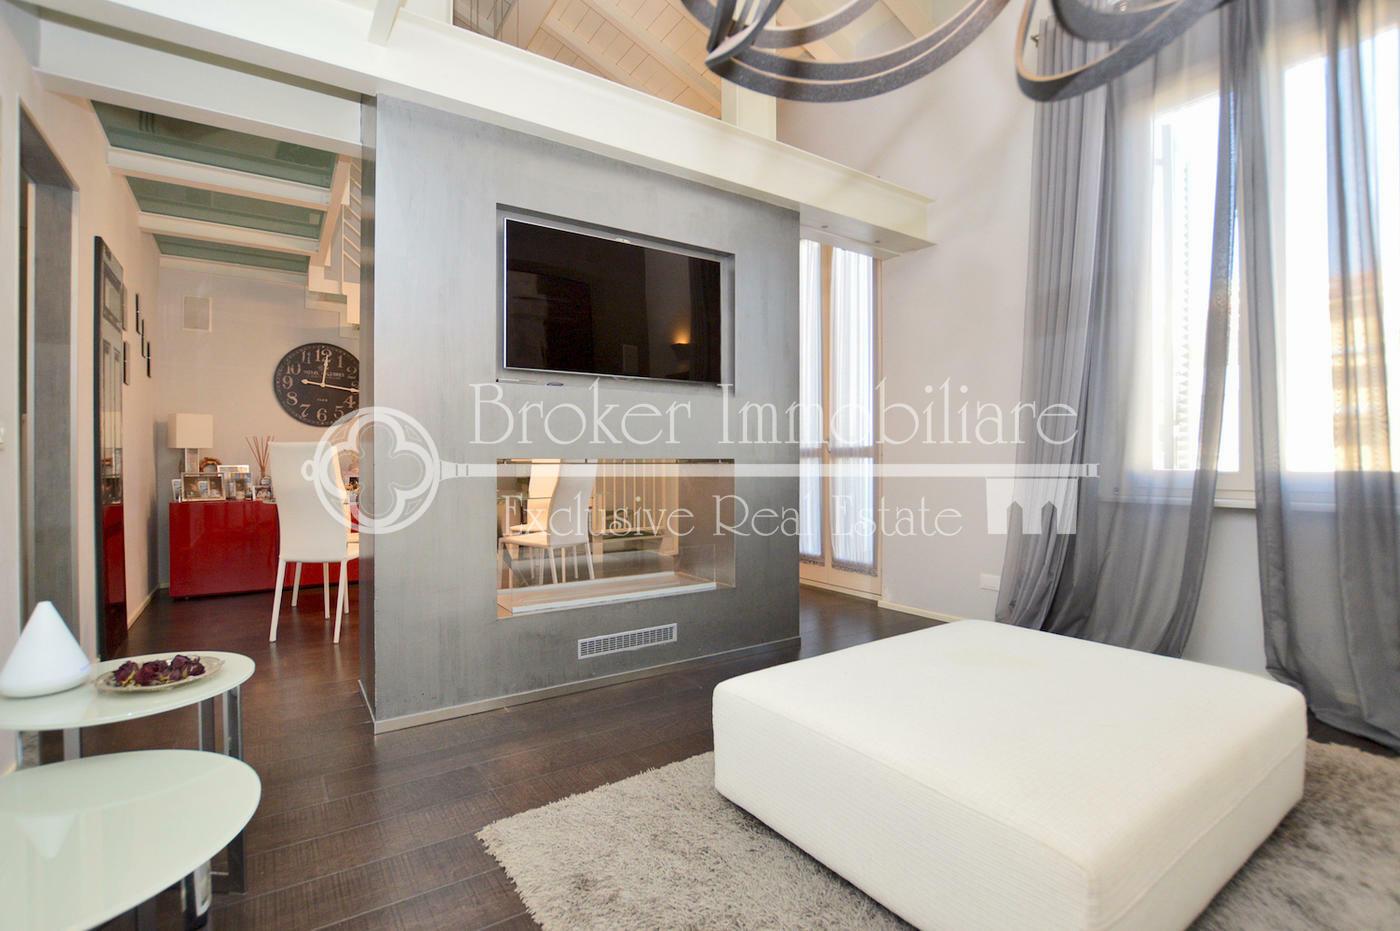 Appartamento indipendente di design in vendita a Viareggio